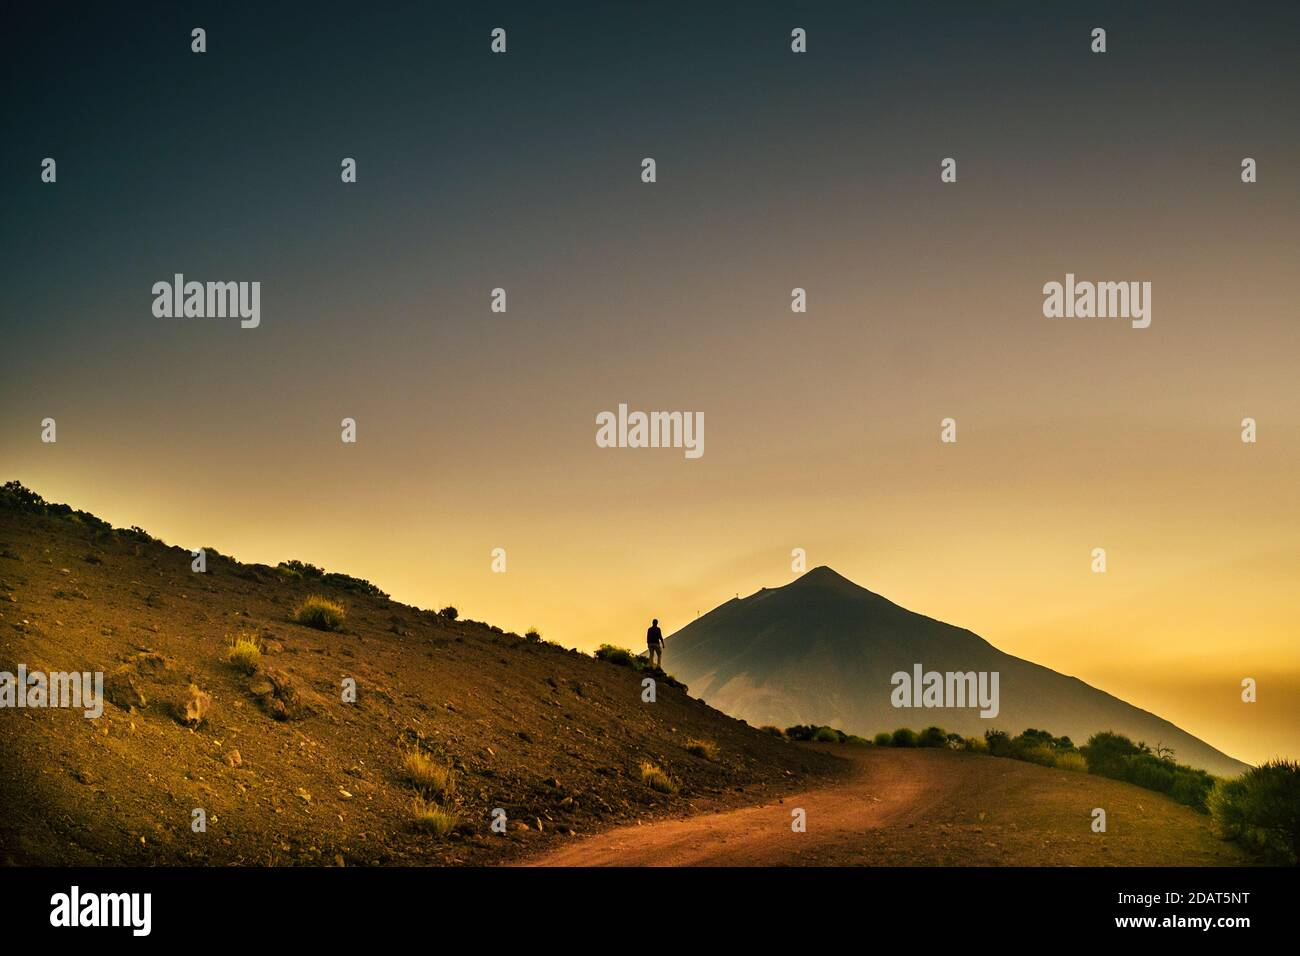 Homme debout avec vue sur les montagnes et coucher de soleil ciel coloré - concept de voyage d'aventure et parc extérieur activité de loisirs pour peopl Banque D'Images